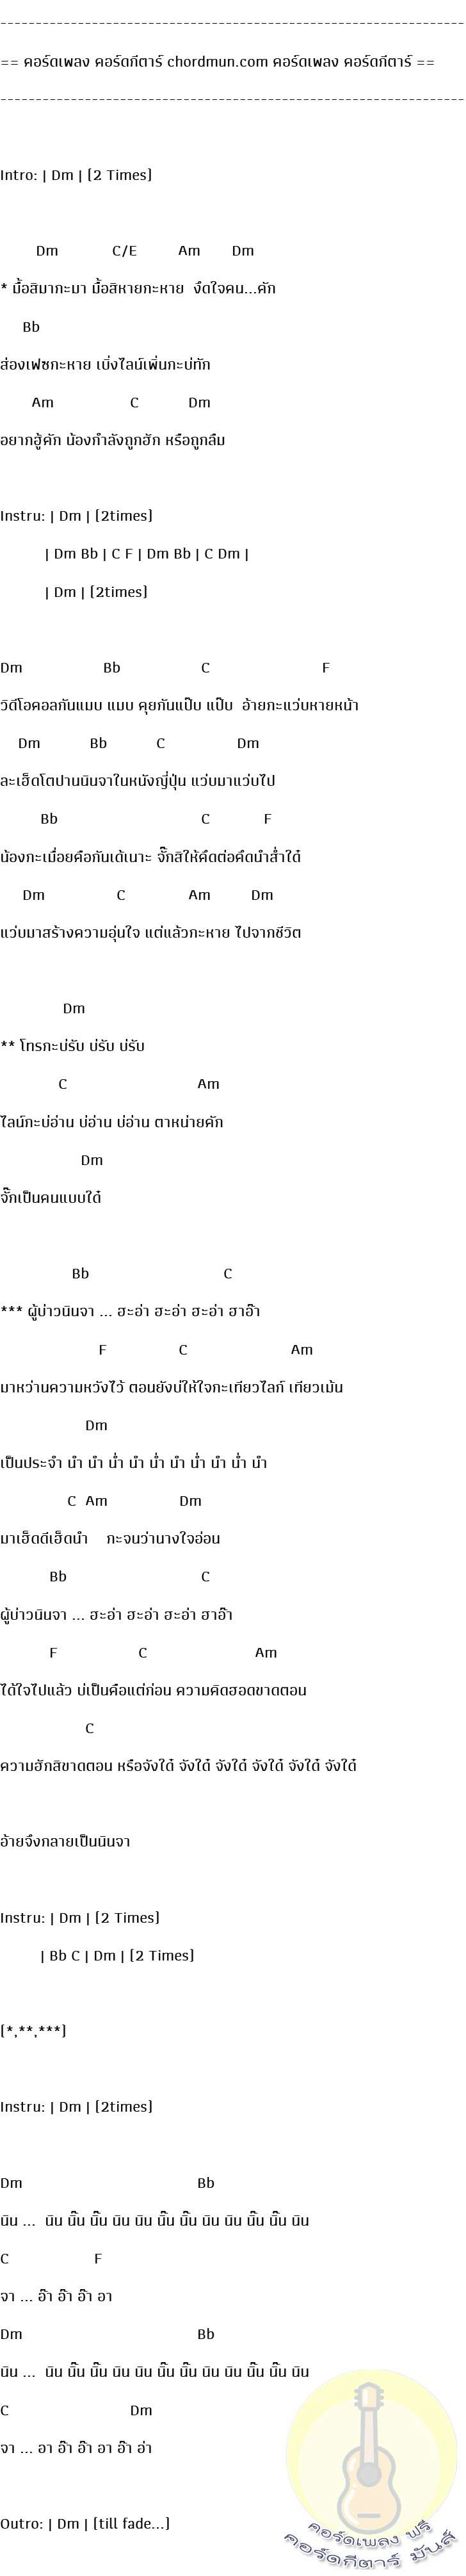 คอร์ดกีต้าง่ายๆ  เพลง ผู้บ่าวนินจา